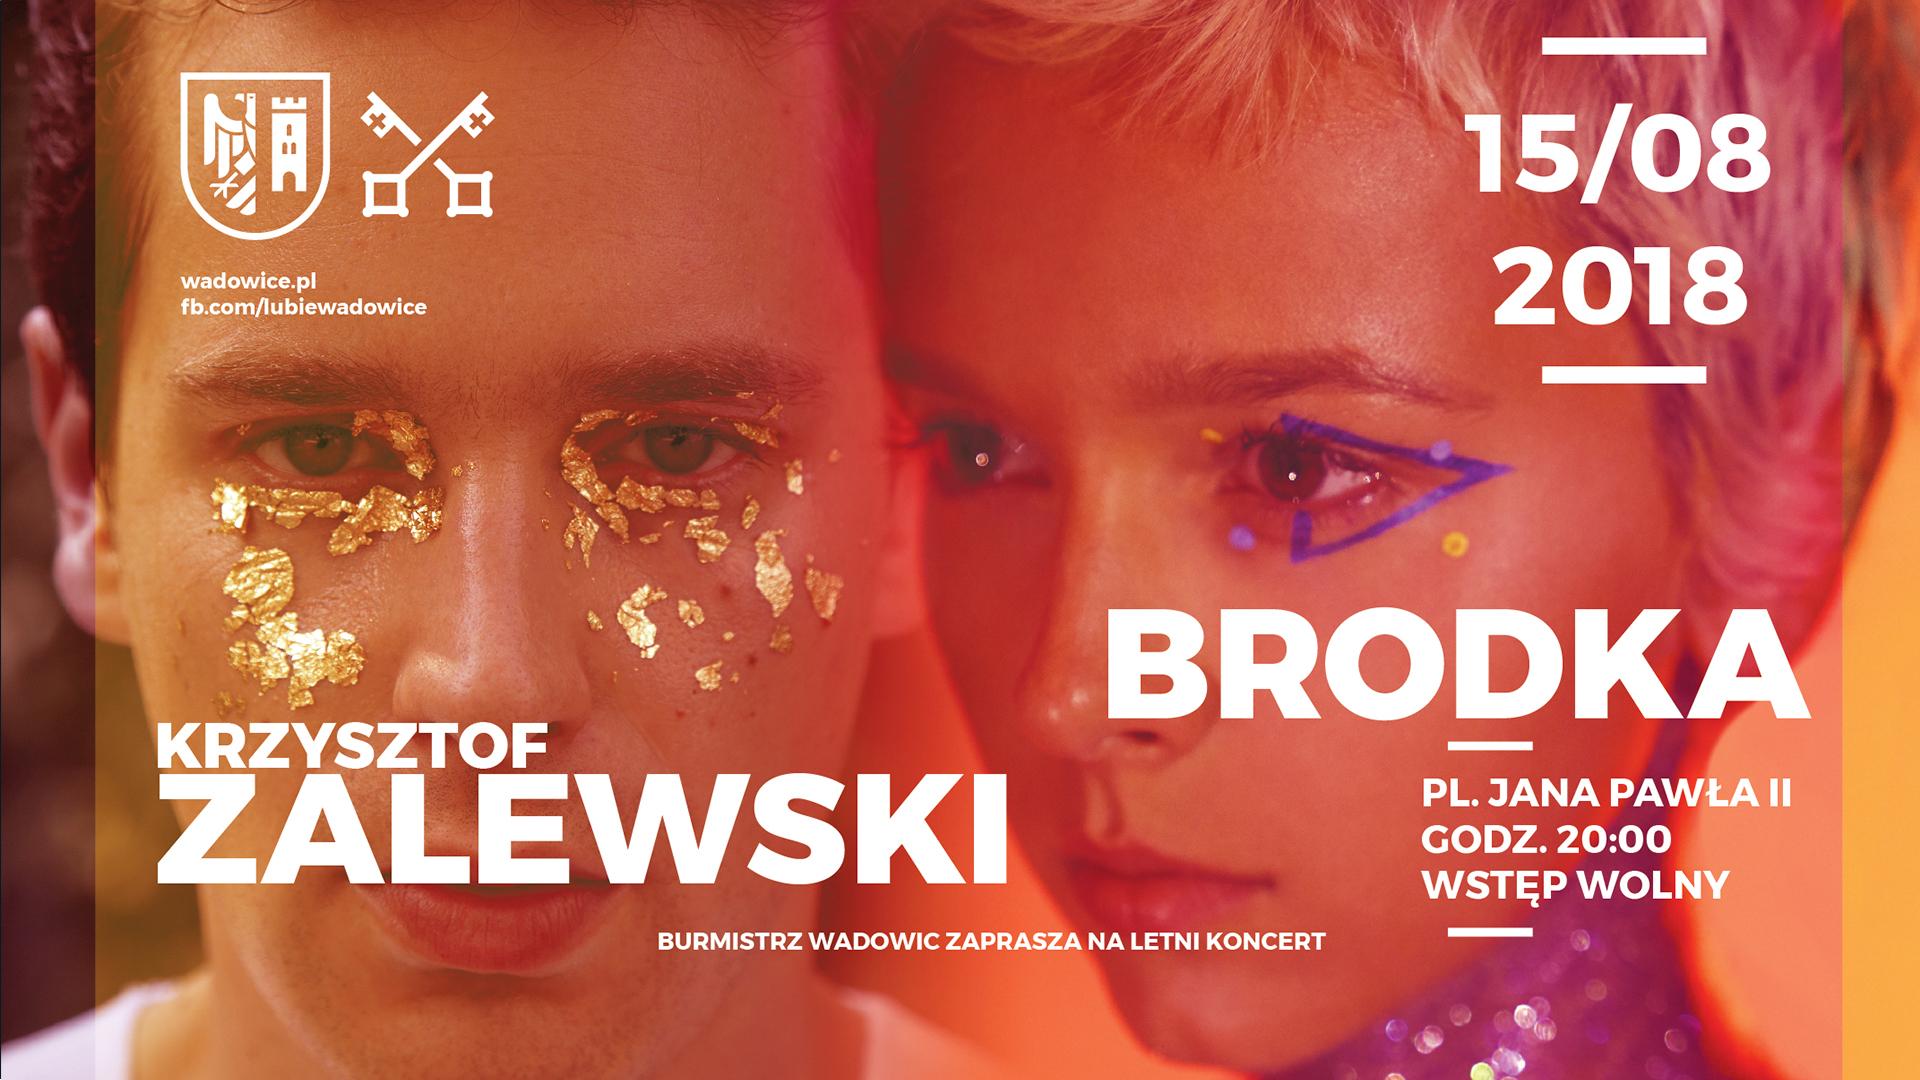 Brodka i Krzysztof Zalewski wystąpią na wadowickim rynku